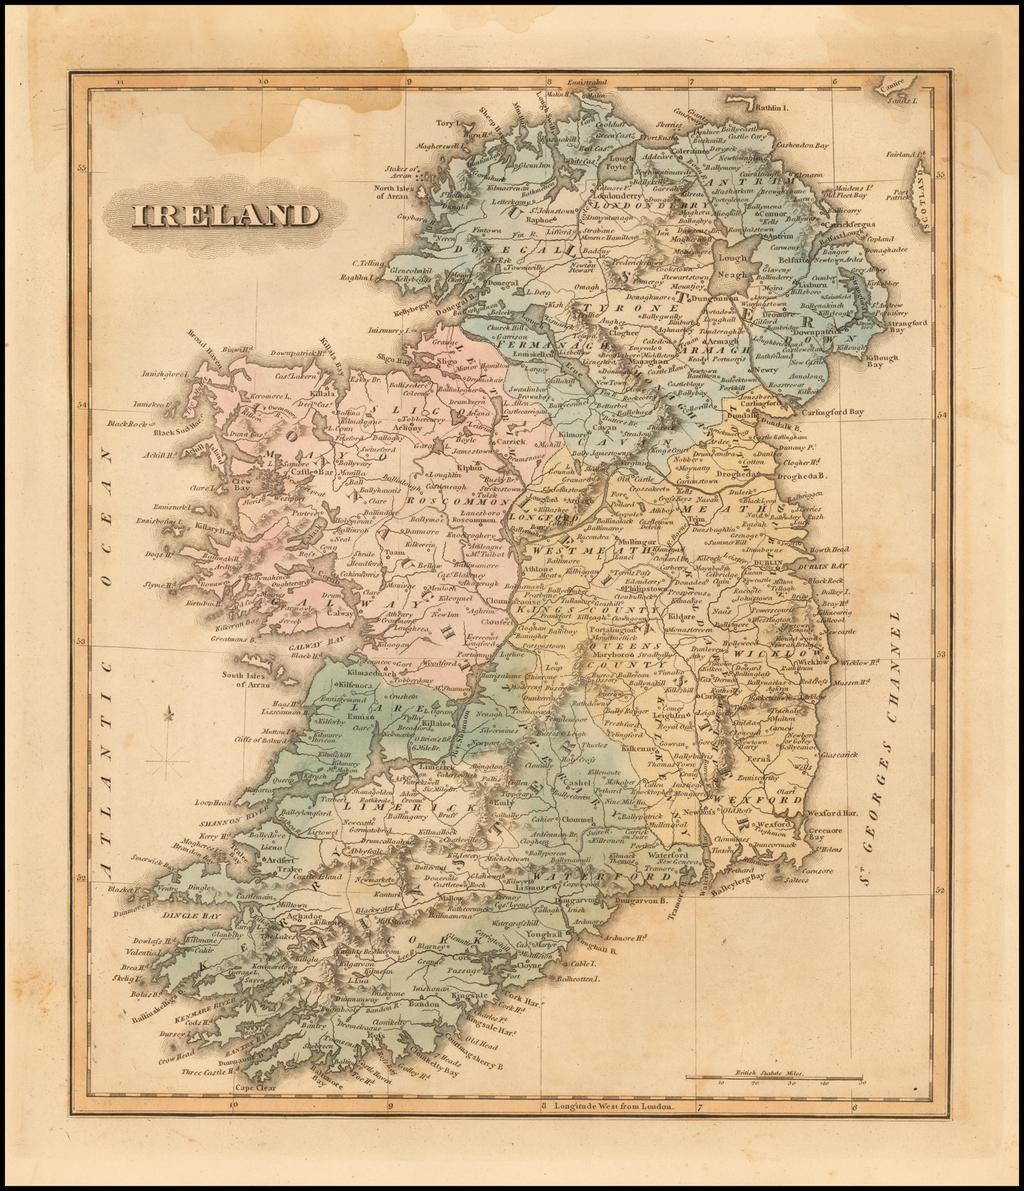 Ireland By Fielding Lucas Jr.